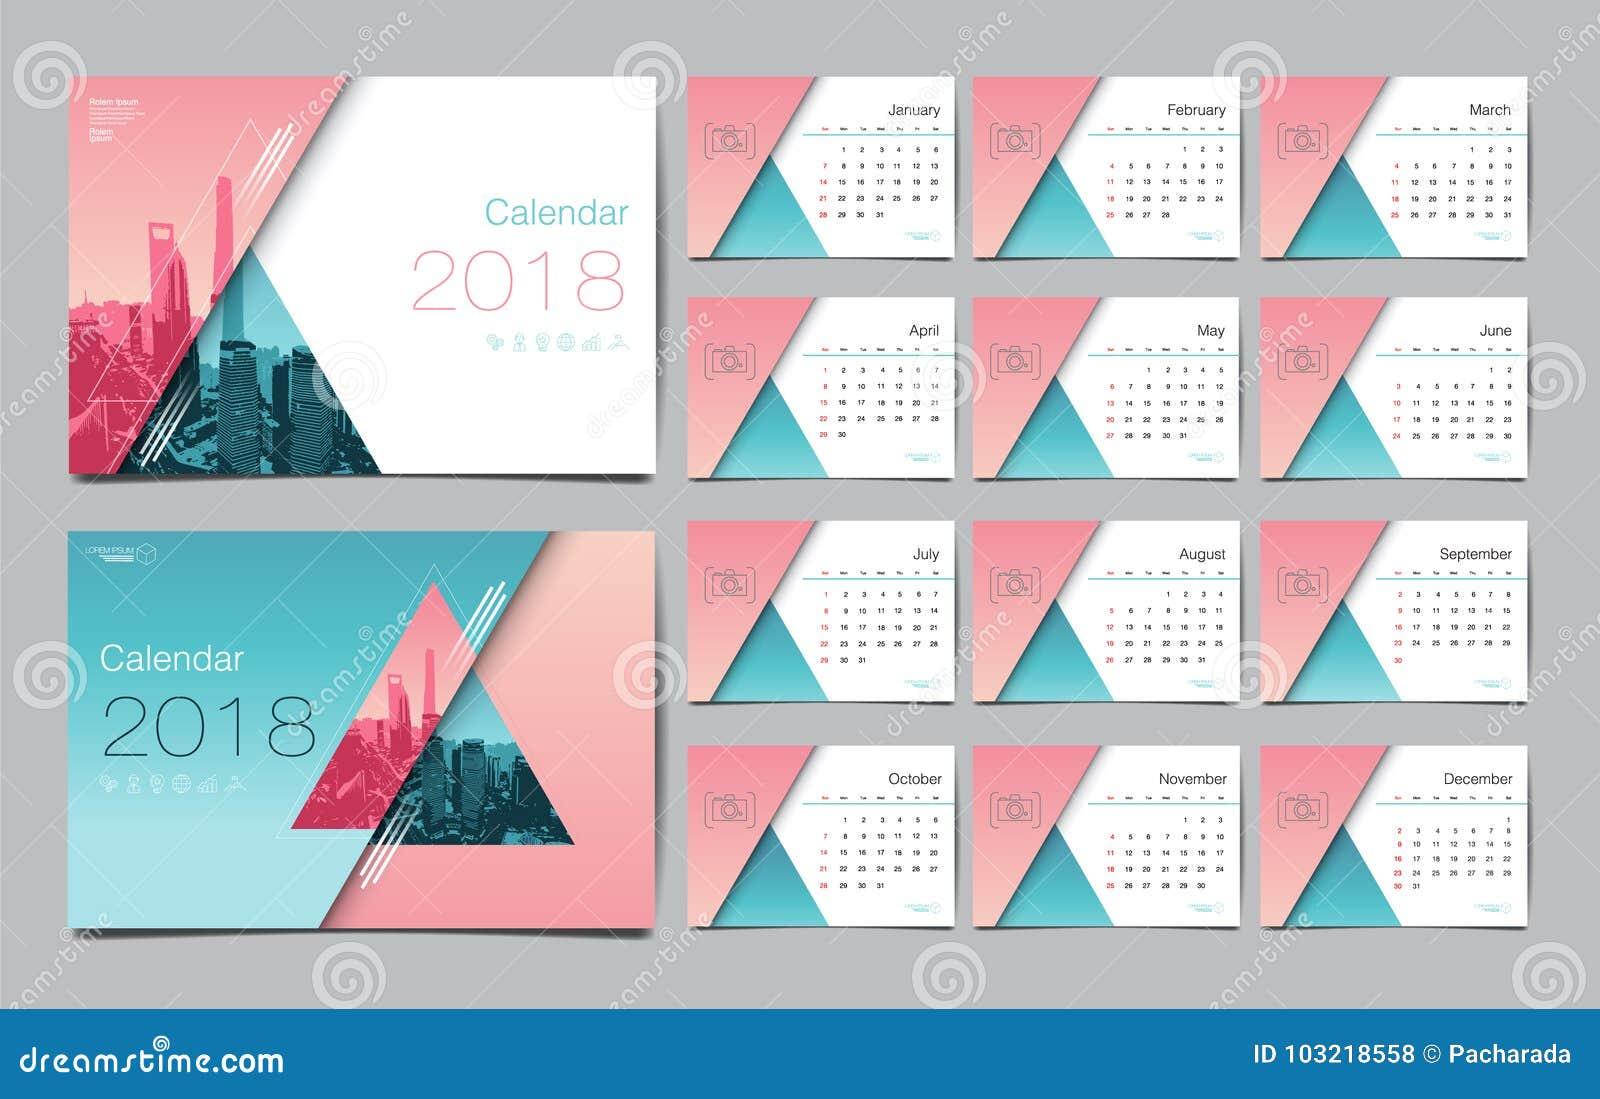 Kalender-Schablone für 2018-jähriges Vektor-Entwurf, Geschäft